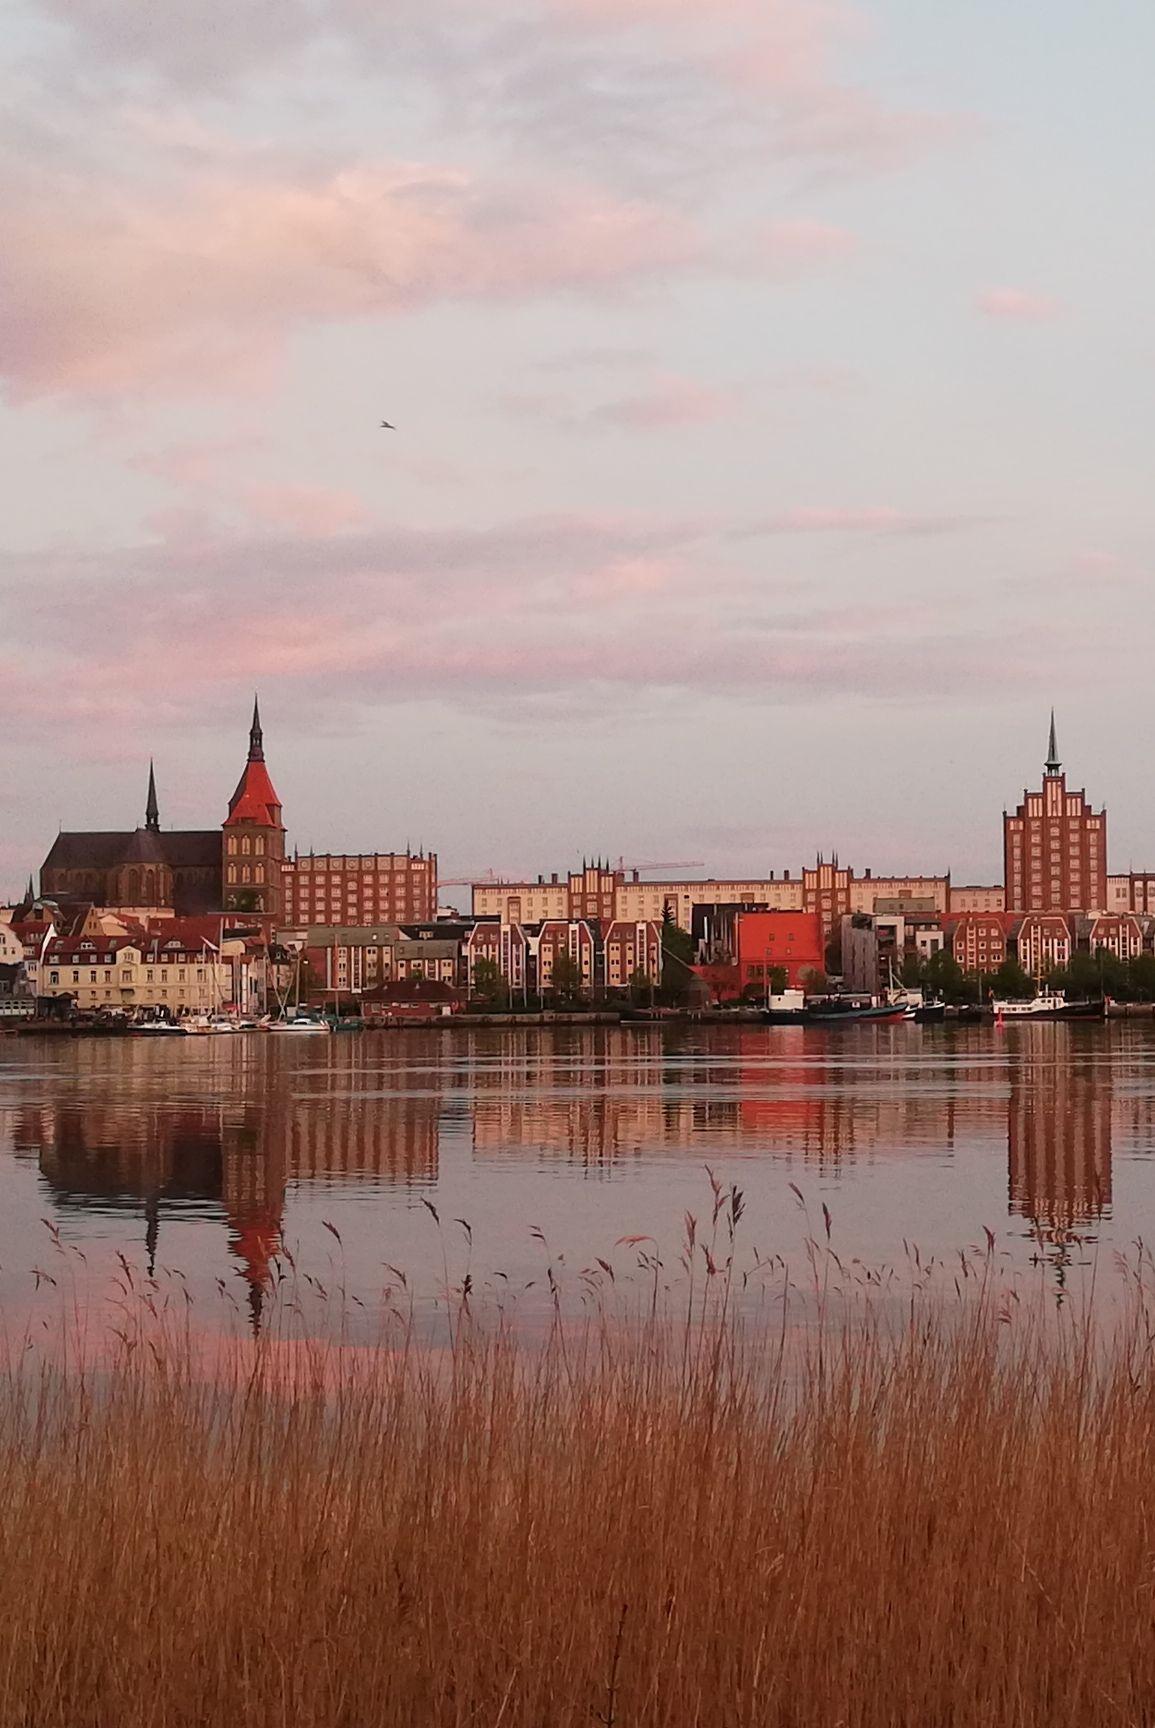 Abendstimmung An Der Warnow In 2020 Stadt Rostock Rostock Warnemunde Hansestadt Rostock